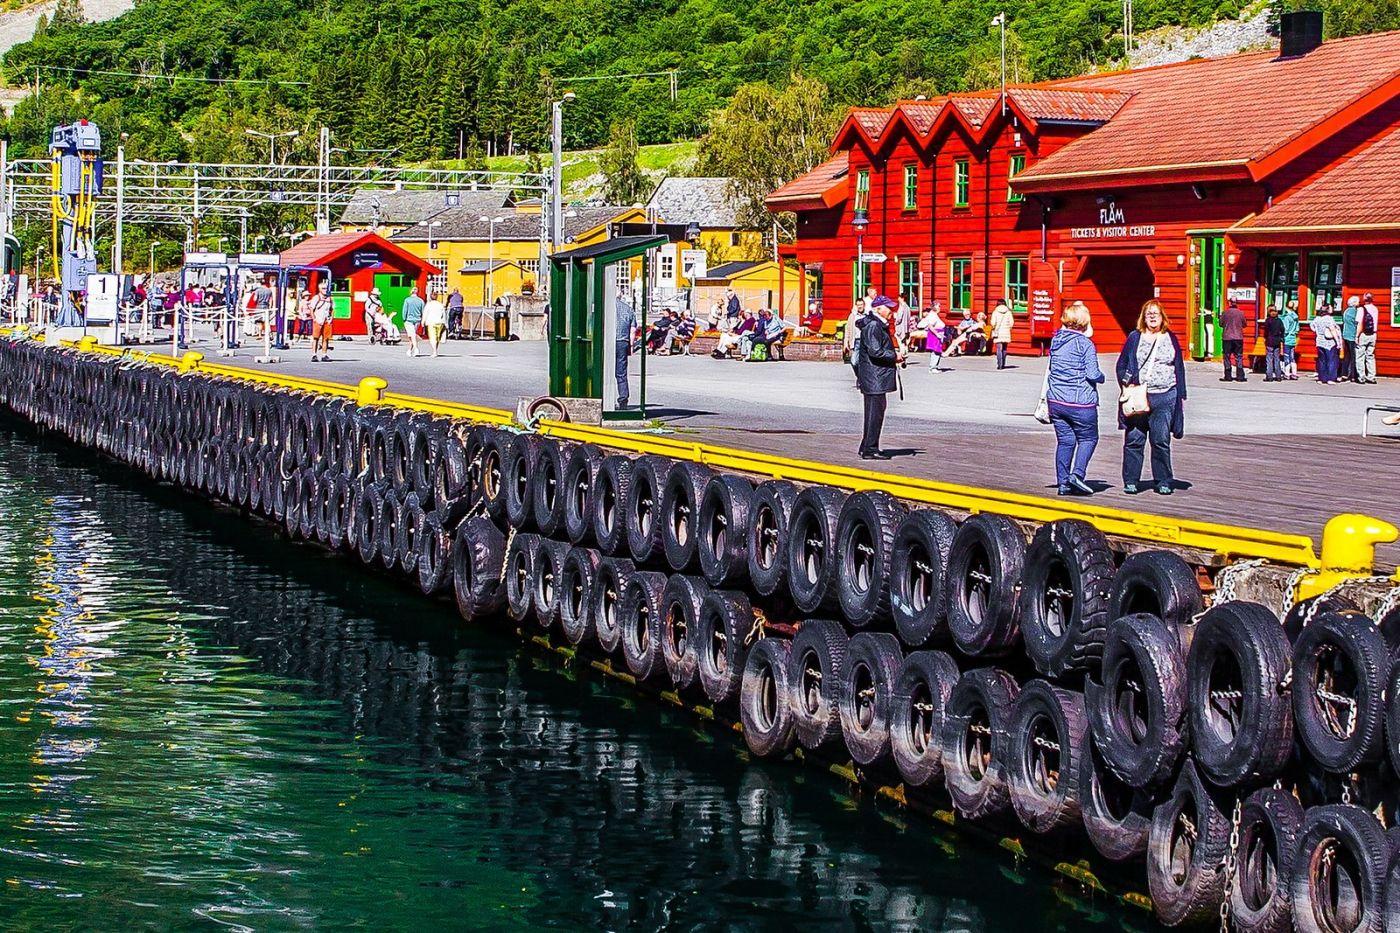 挪威弗拉姆铁路(Flam Railway),美丽的小站_图1-7